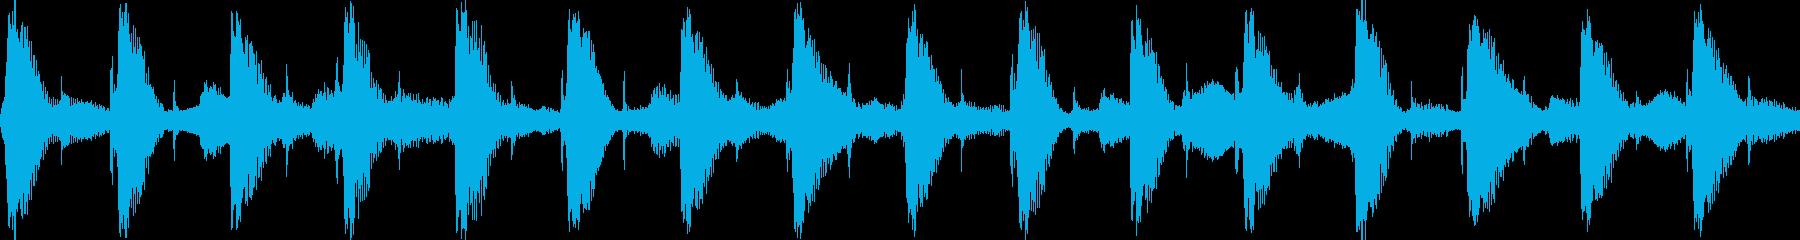 【ゲーム】幻想 迷路 夜ホラー【ループ】の再生済みの波形